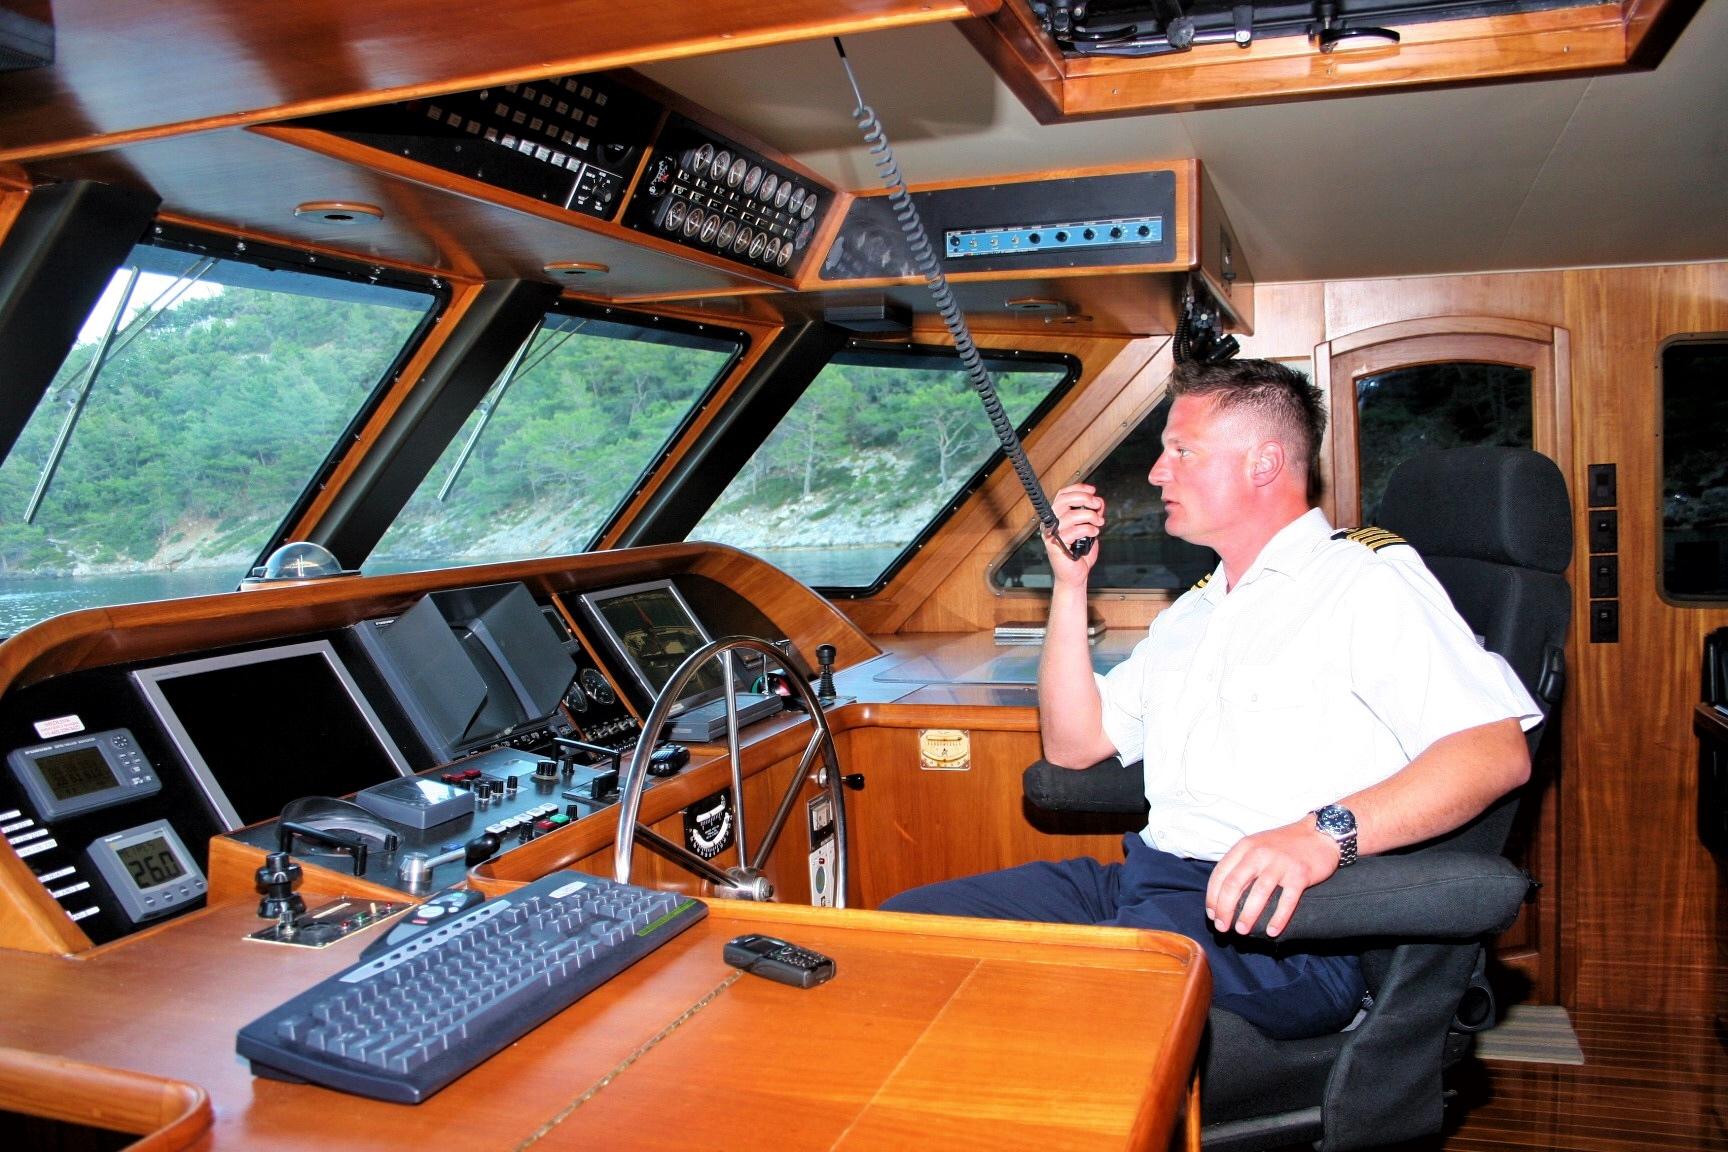 Der Kapitän am Ruder auf der hochmodernen Brücke